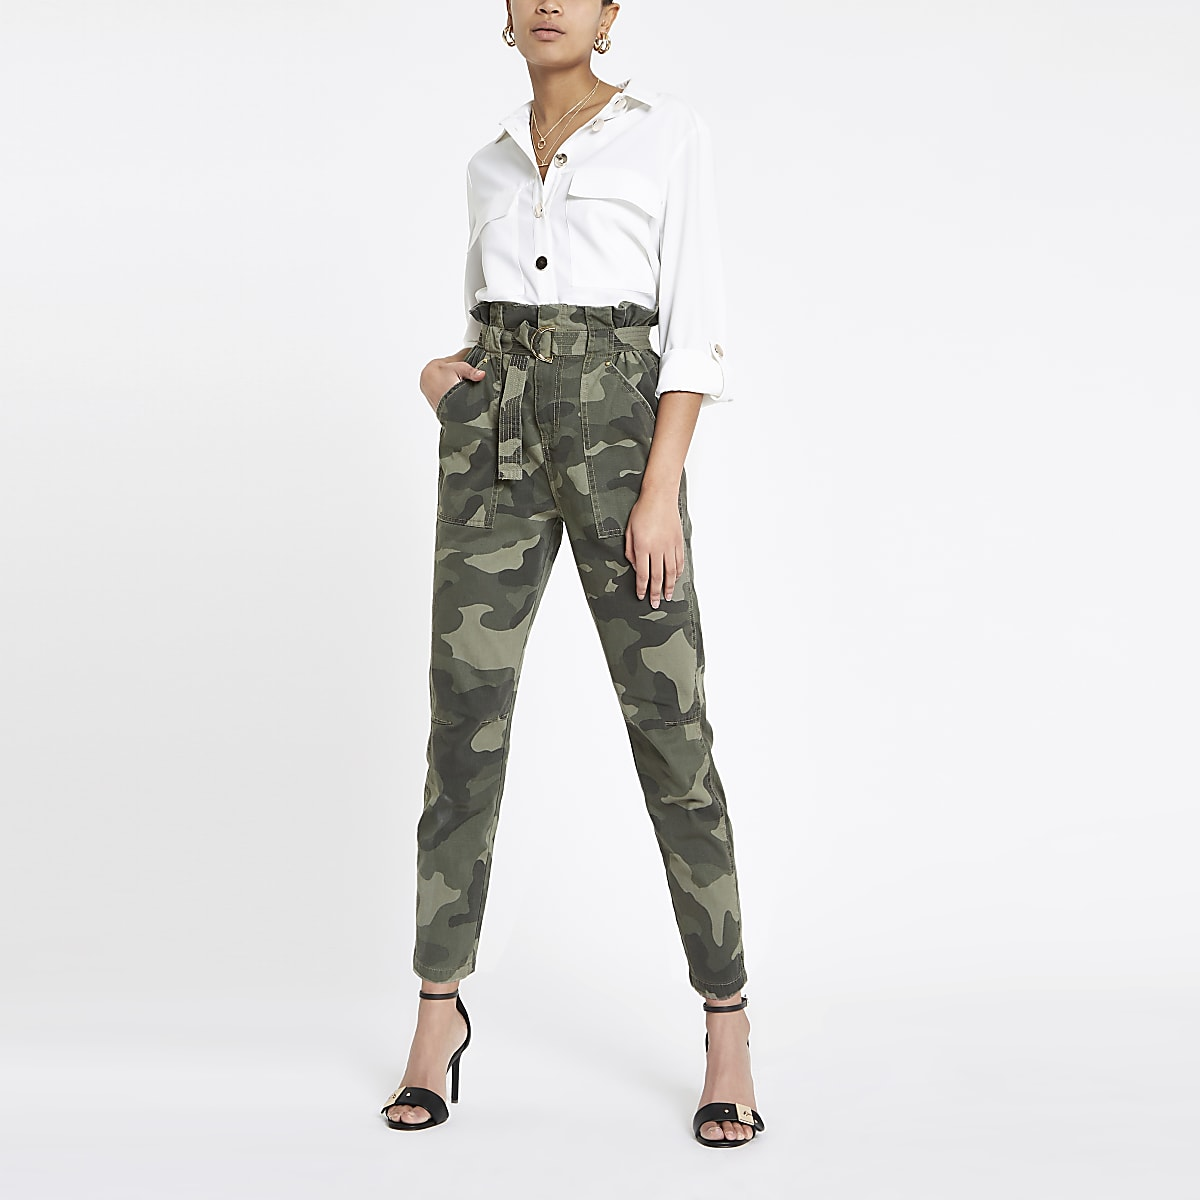 Kaki utility broek met geplooide taille en camouflageprint